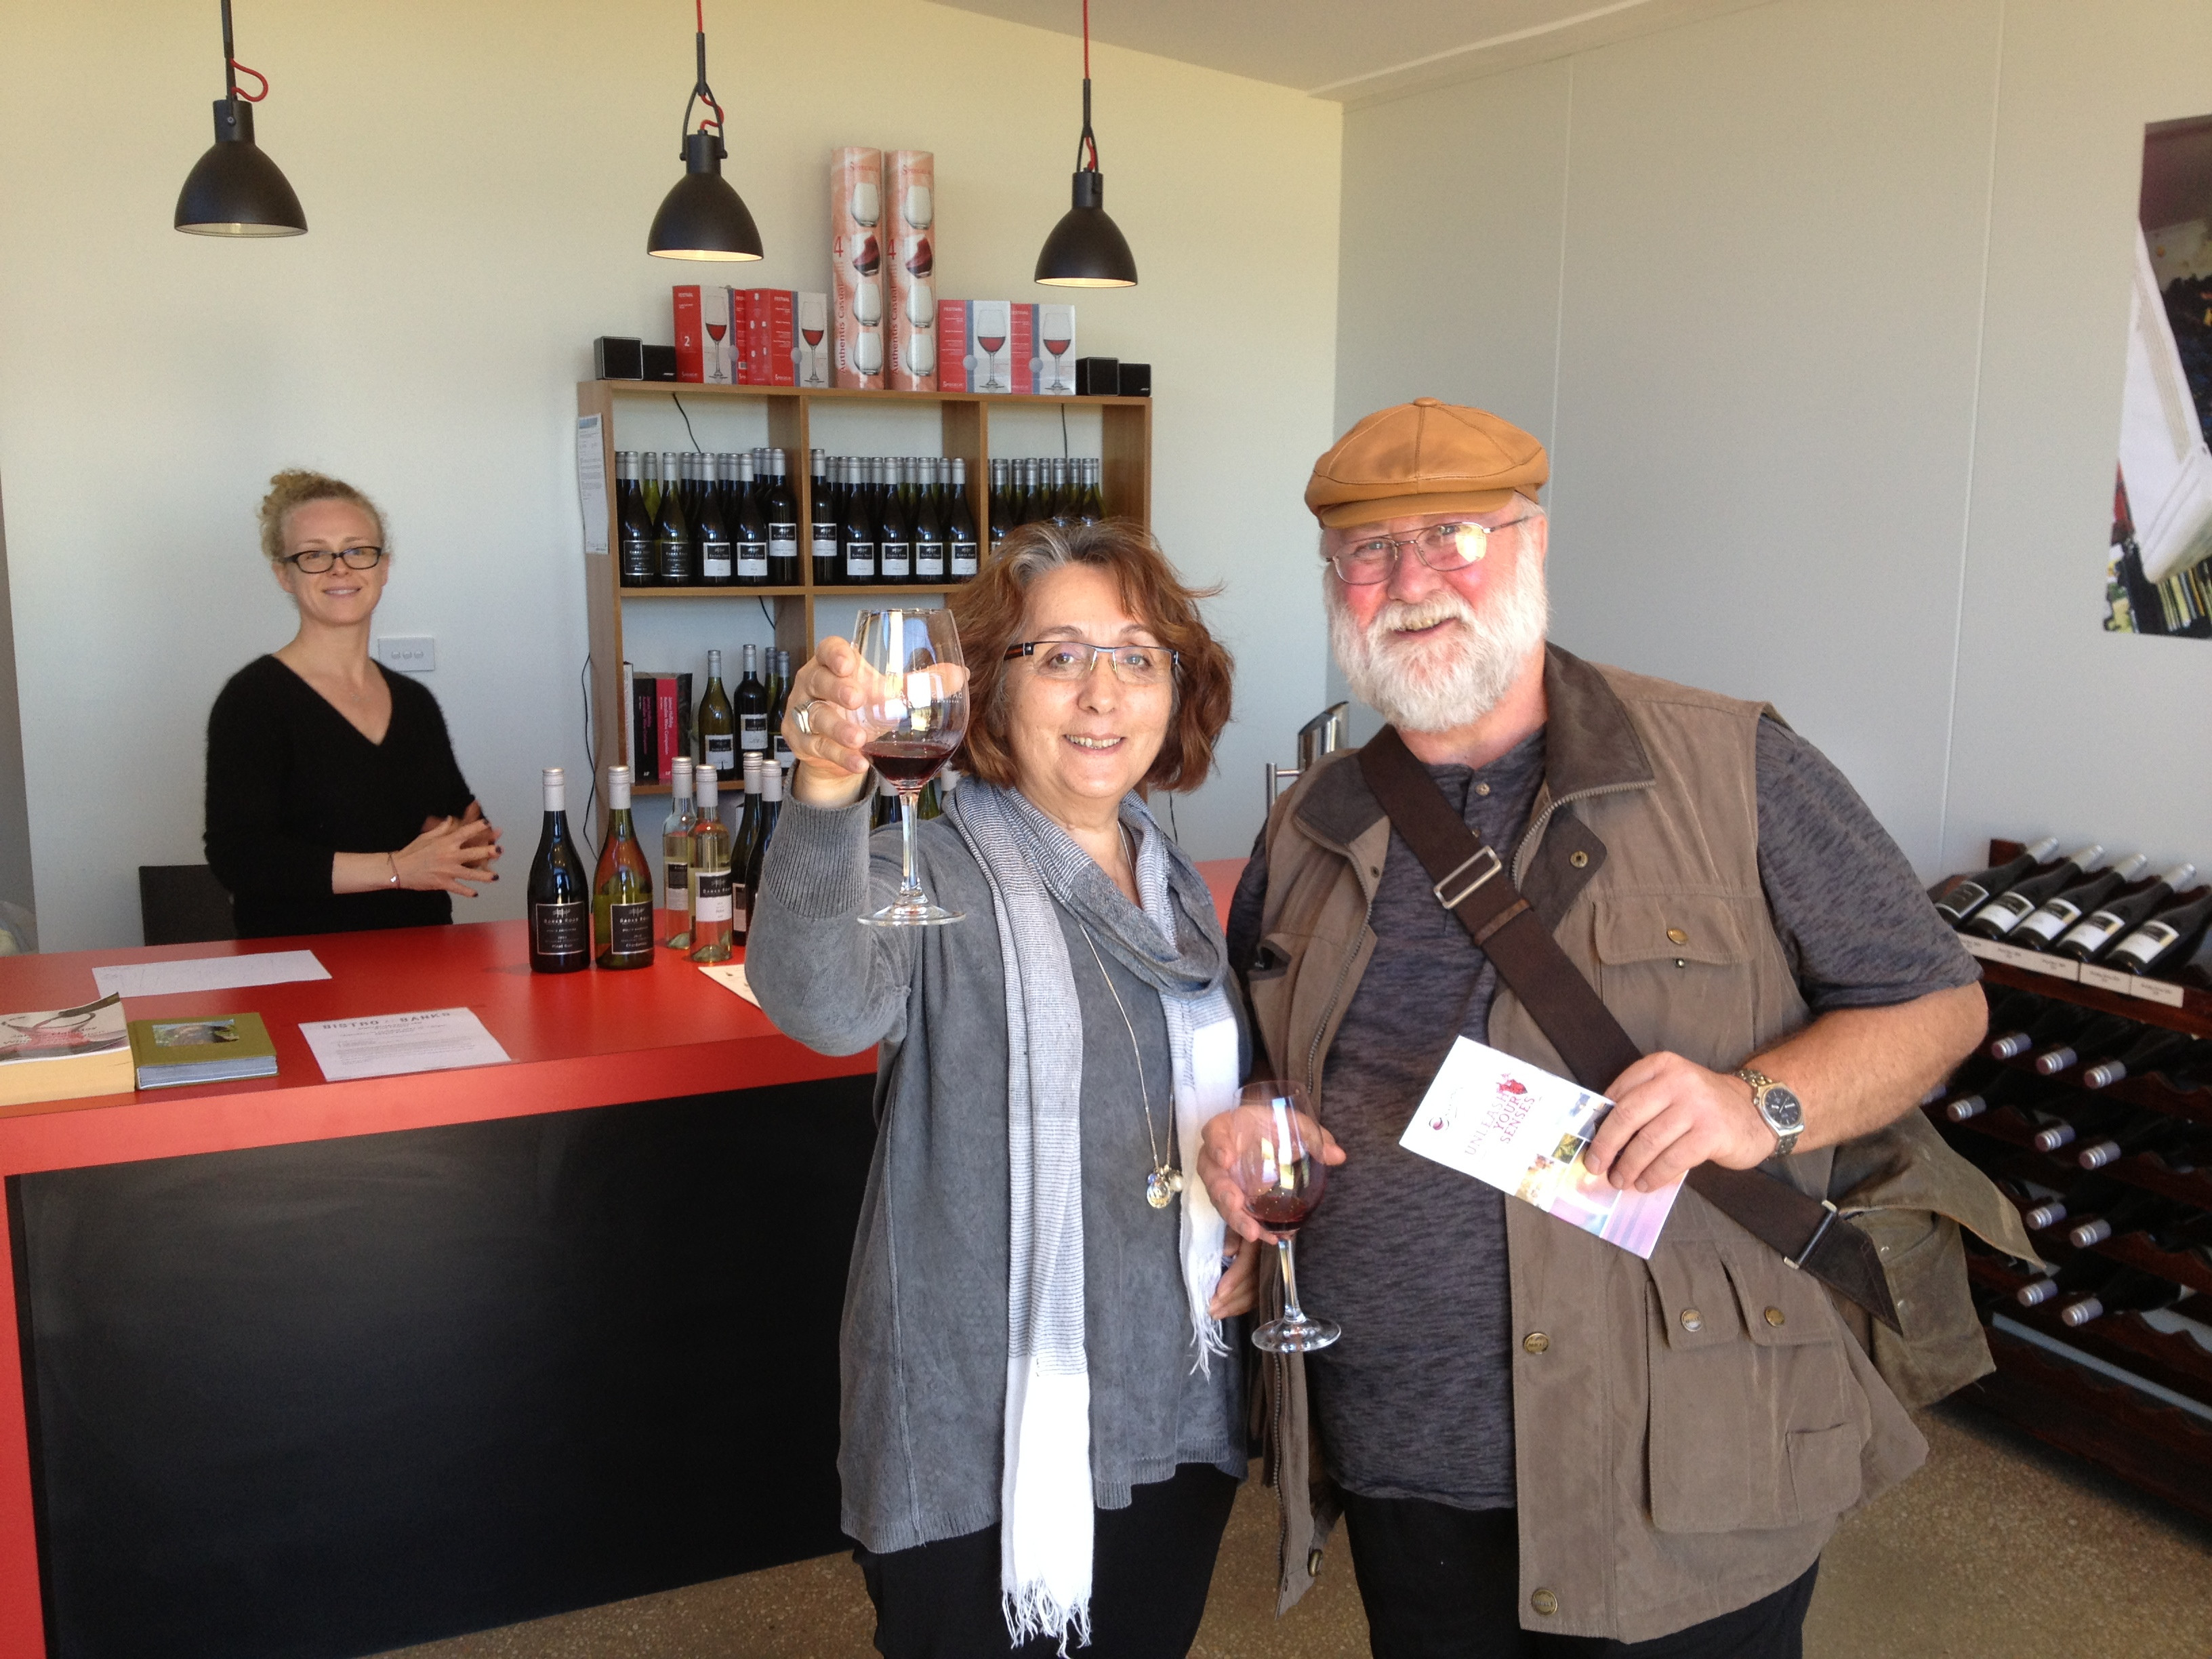 Geelong/Bellarine DIY Tour-up to 24ppl